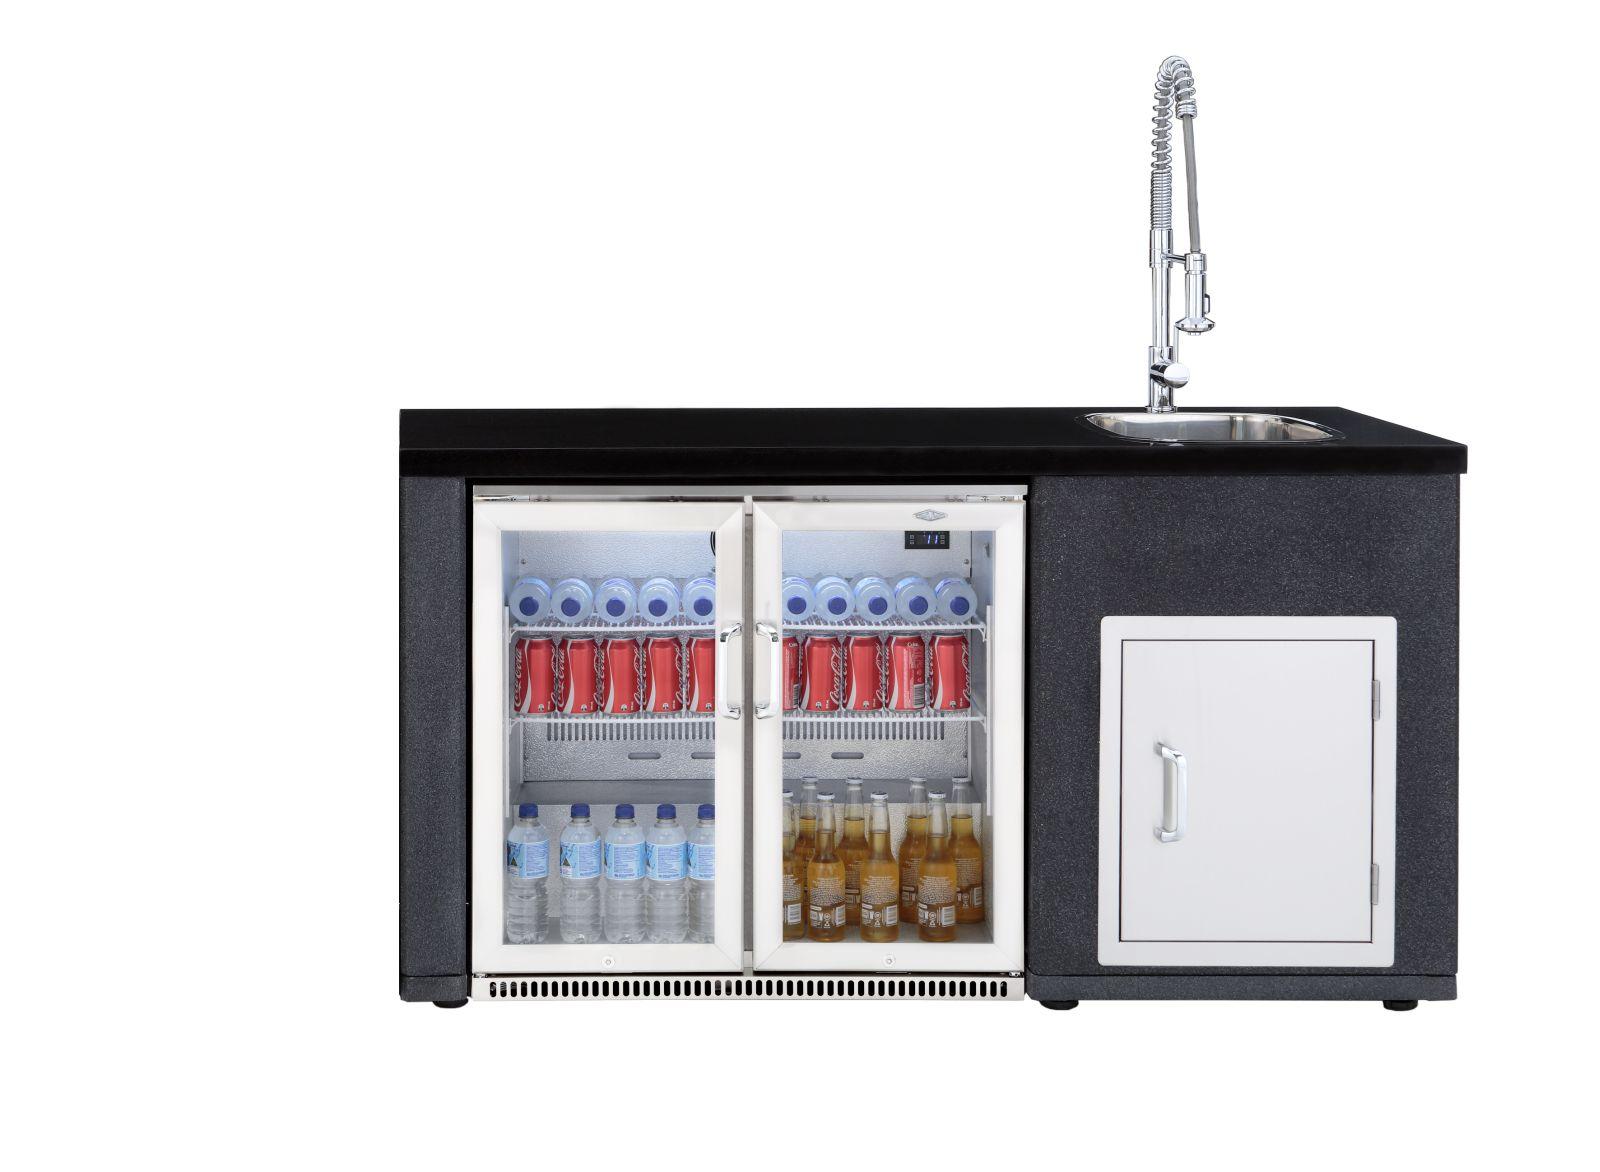 Outdoorküche Tür Preis : Outdoorküche artisan spülmodul mit kühlschrank & tür für den